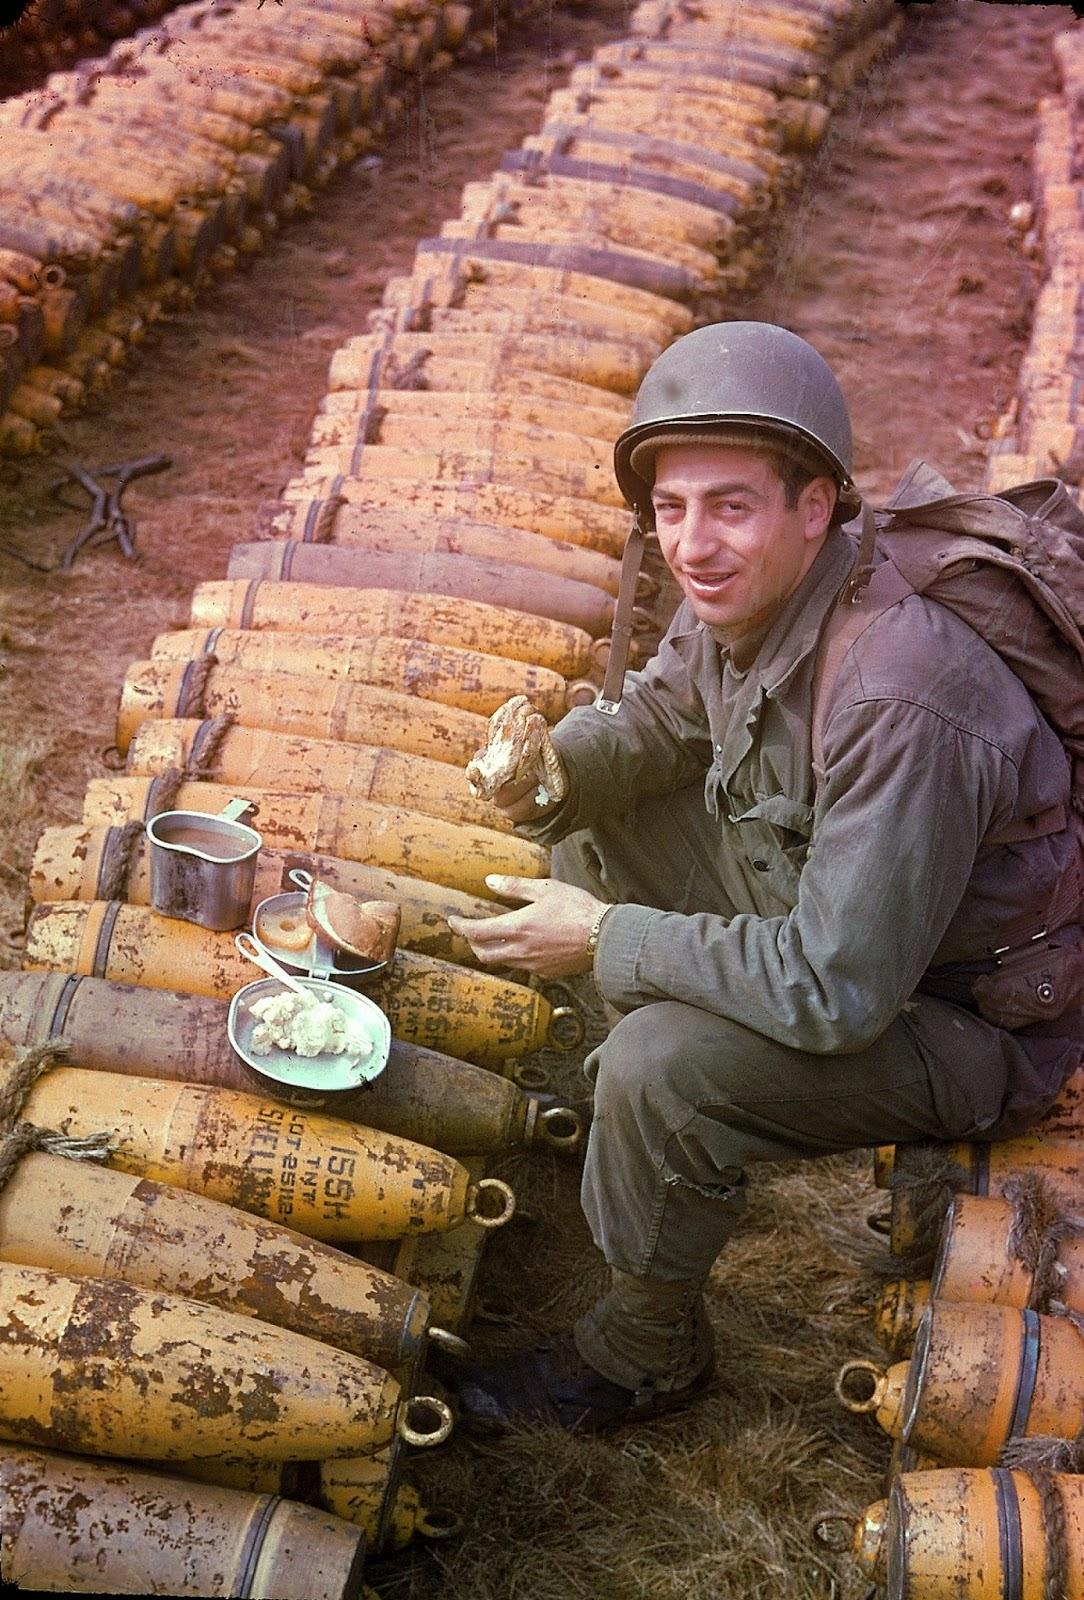 http://4.bp.blogspot.com/-GcXtWwQDxW0/VLaaCWzQxRI/AAAAAAABOKE/MX1j2lU4EAY/s1600/Rare+Color+Photographs+from+World+War+II+(13).jpg